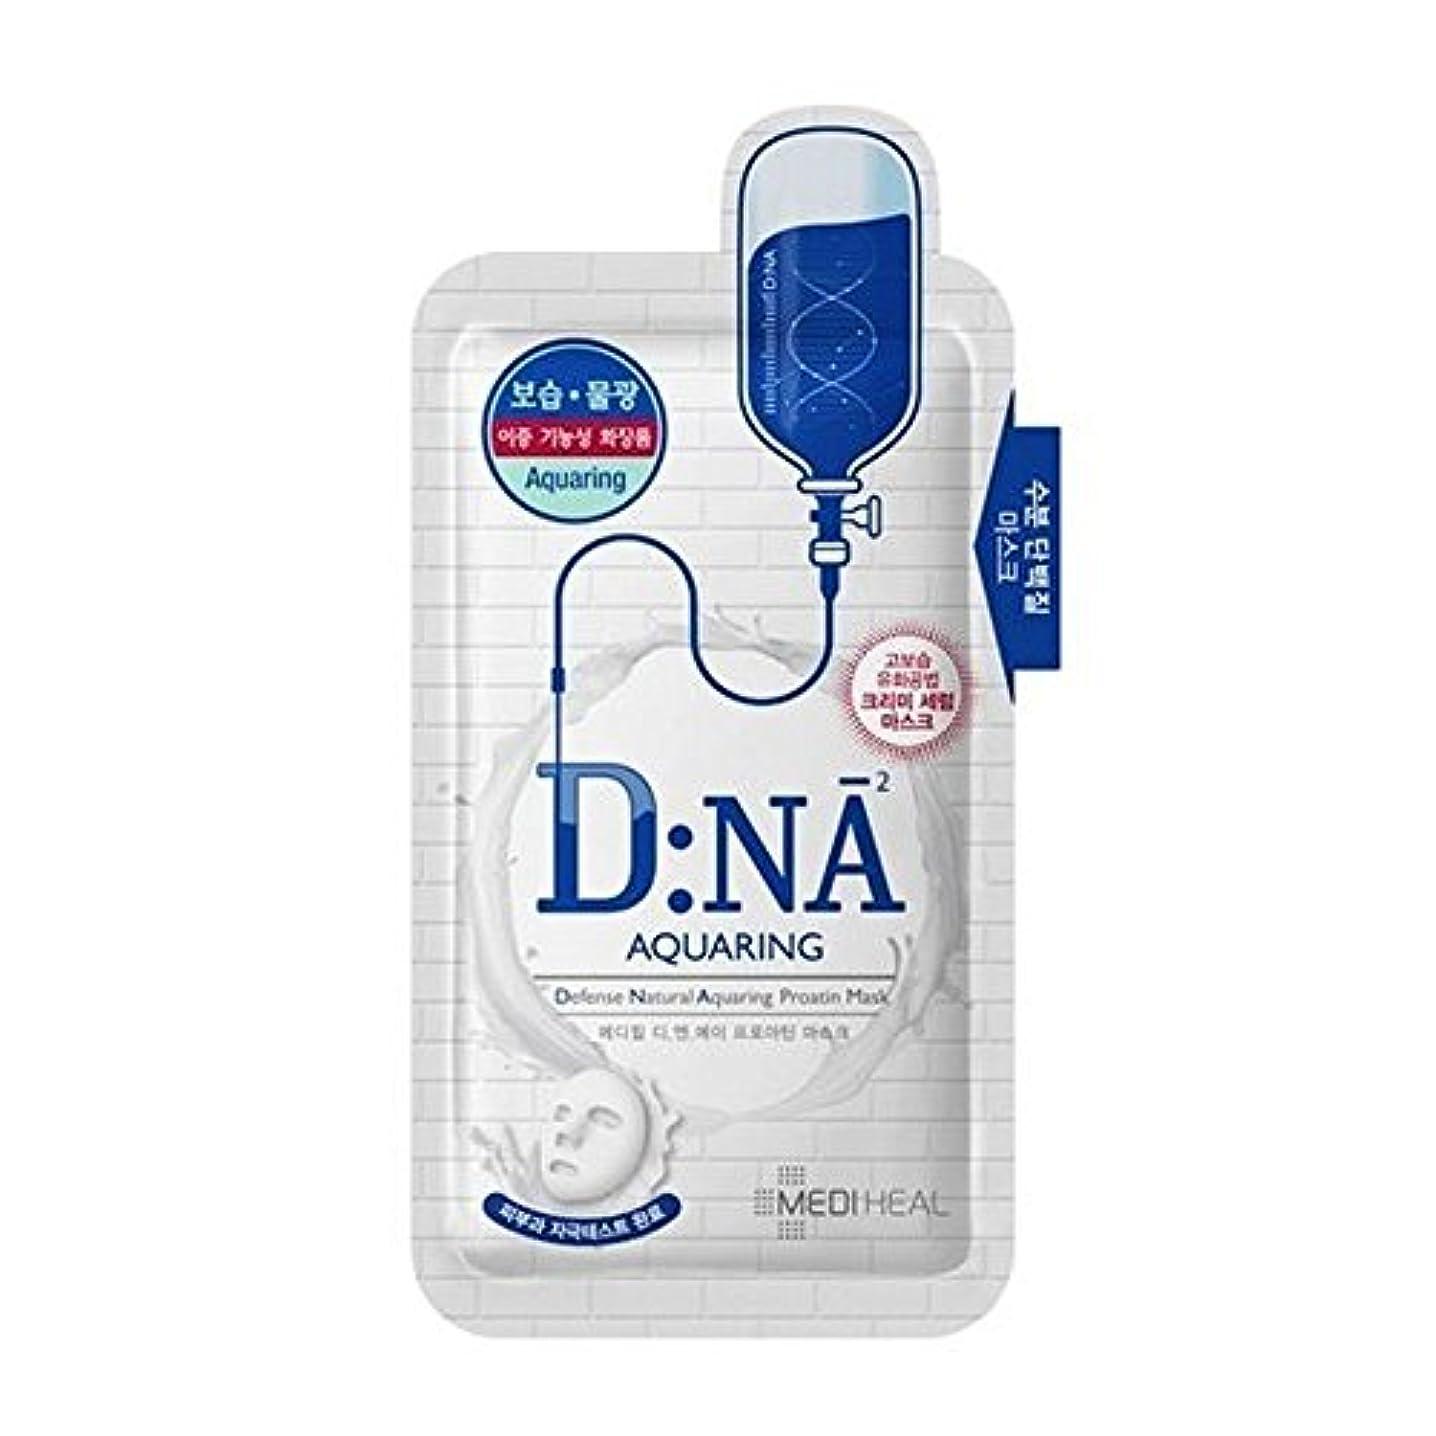 反逆分散ステージメディヒールタンパク質フェイスマスクパック 25g x 10枚 [ Mediheal DNA Proatin Face Mask Pack (Aquaring) 25g x 10ea ] [海外直送品][並行輸入品]